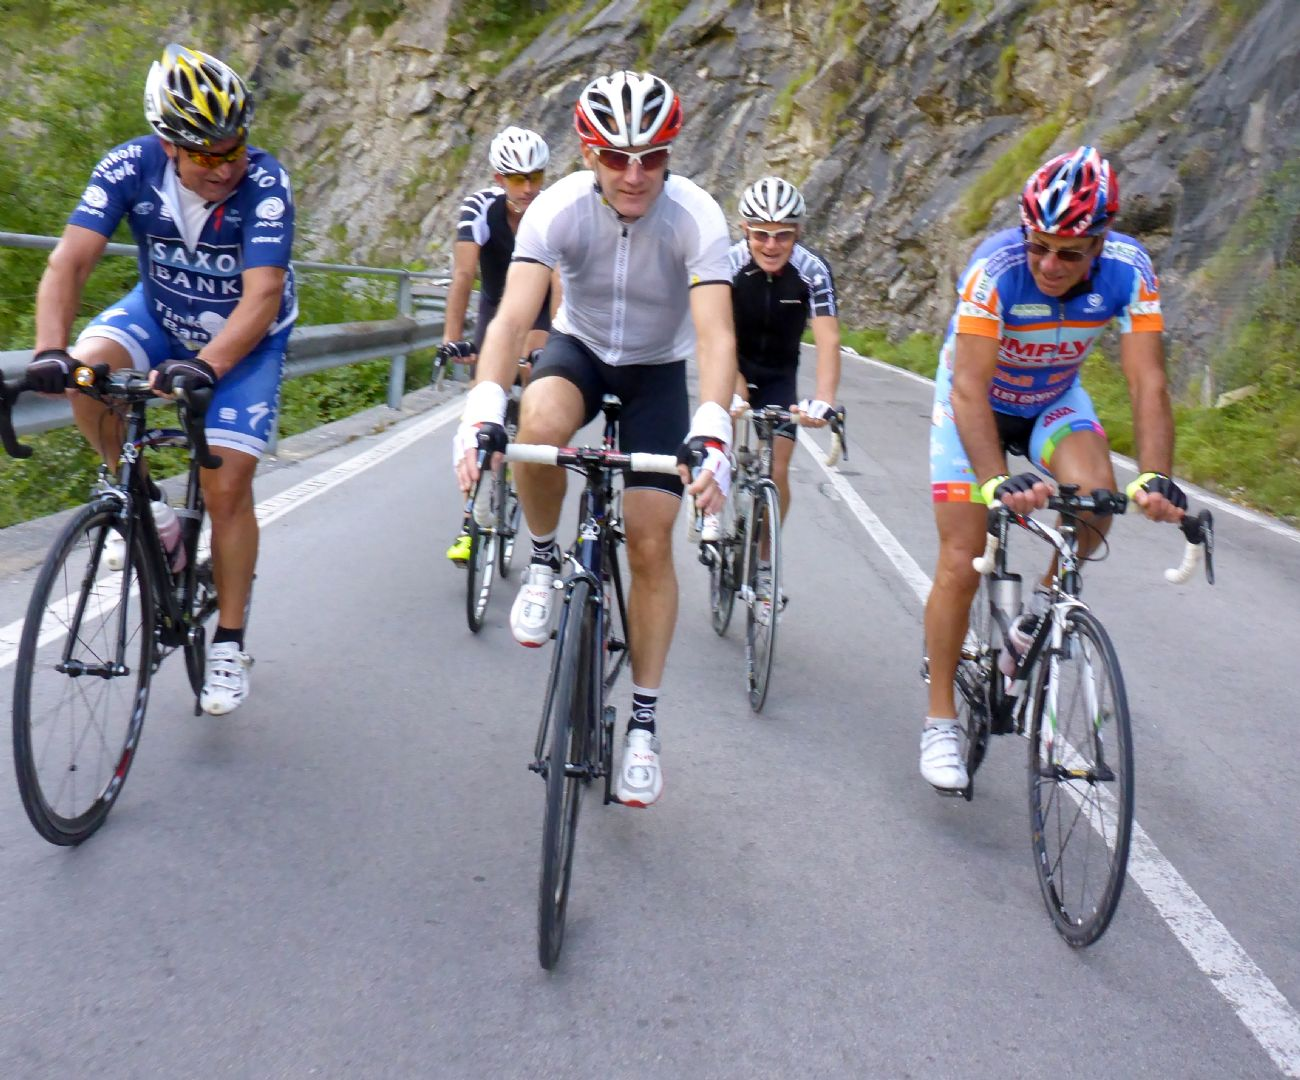 Seaside bound.jpg - Italy - Garfagnana - The Mountains of Tuscany - Italia Road Cycling